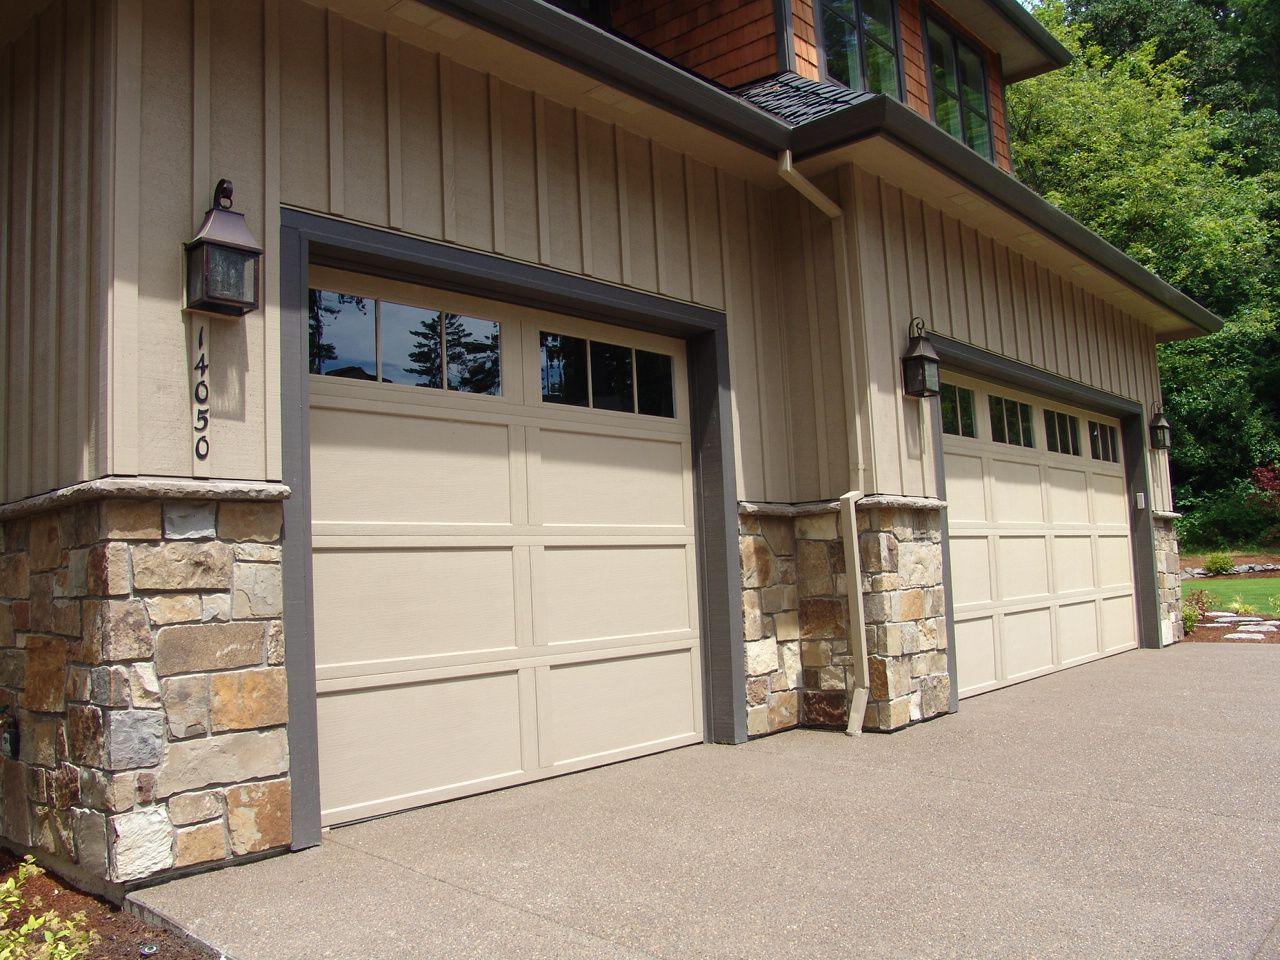 Natural Stone Veneer Wainscot Around Garage New Construction Lake Oswego Www Brownbrosmasonry Net Metal Garage Doors Aluminium Garage Doors Garage Doors